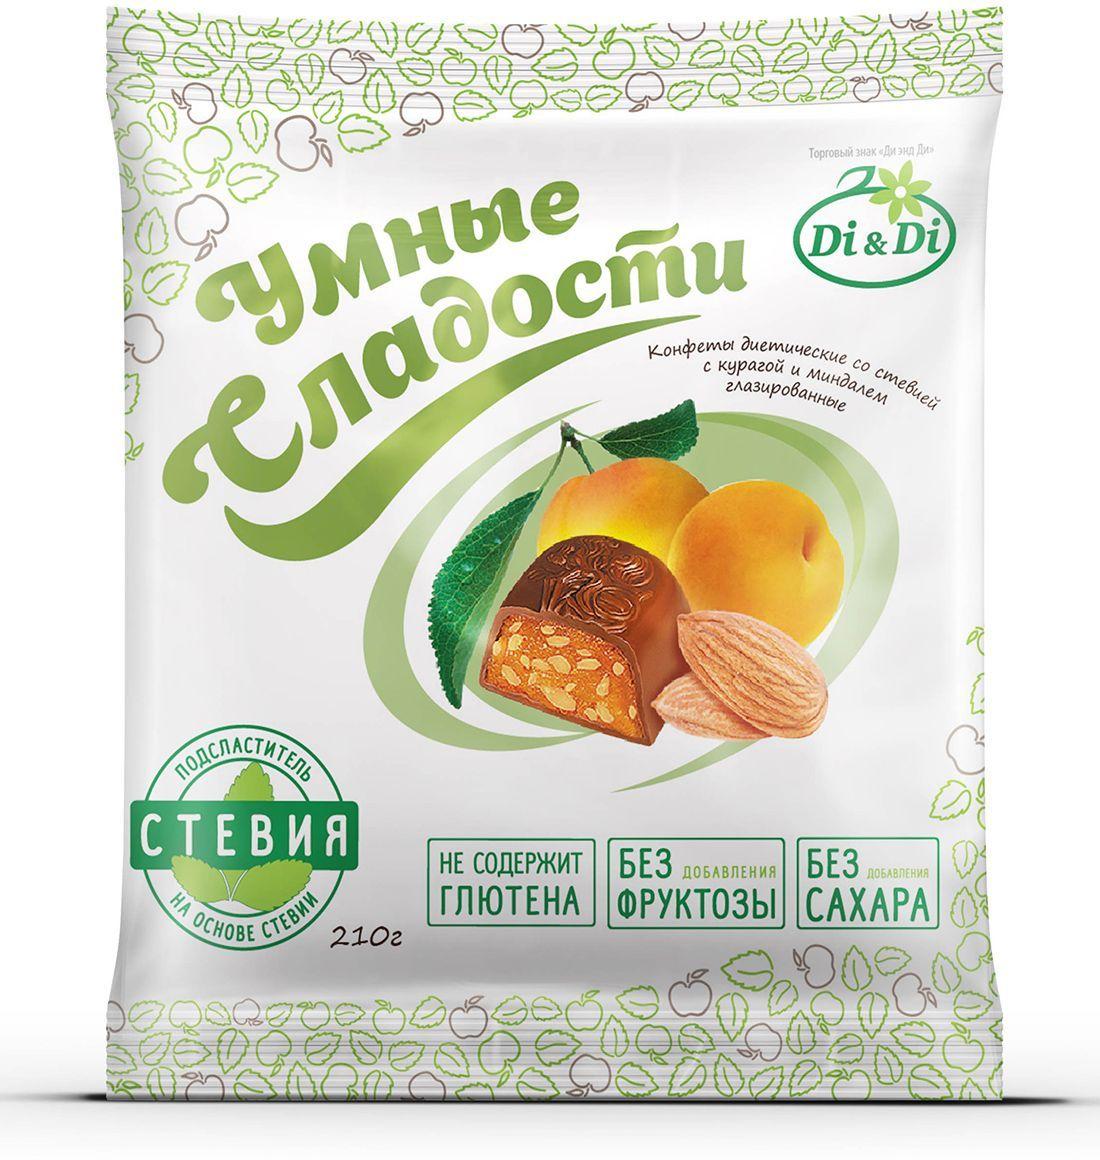 Умные сладости конфеты Курага с миндалем в шоколадной глазури, 210 гМС-00007454Продукт обладает высокой питательной ценностью, не содержит глютена, предназначен для всех категорий населения. Противопоказания: индивидуальная непереносимость молочного белка, лецитина соевого и орехов, следов арахиса. Содержит подсластитель. При чрезмерном употреблении может оказывать слабительное действие (суточная доза потребления изомальта 30 г). Продукт может содержать фрагменты фруктовых косточек.